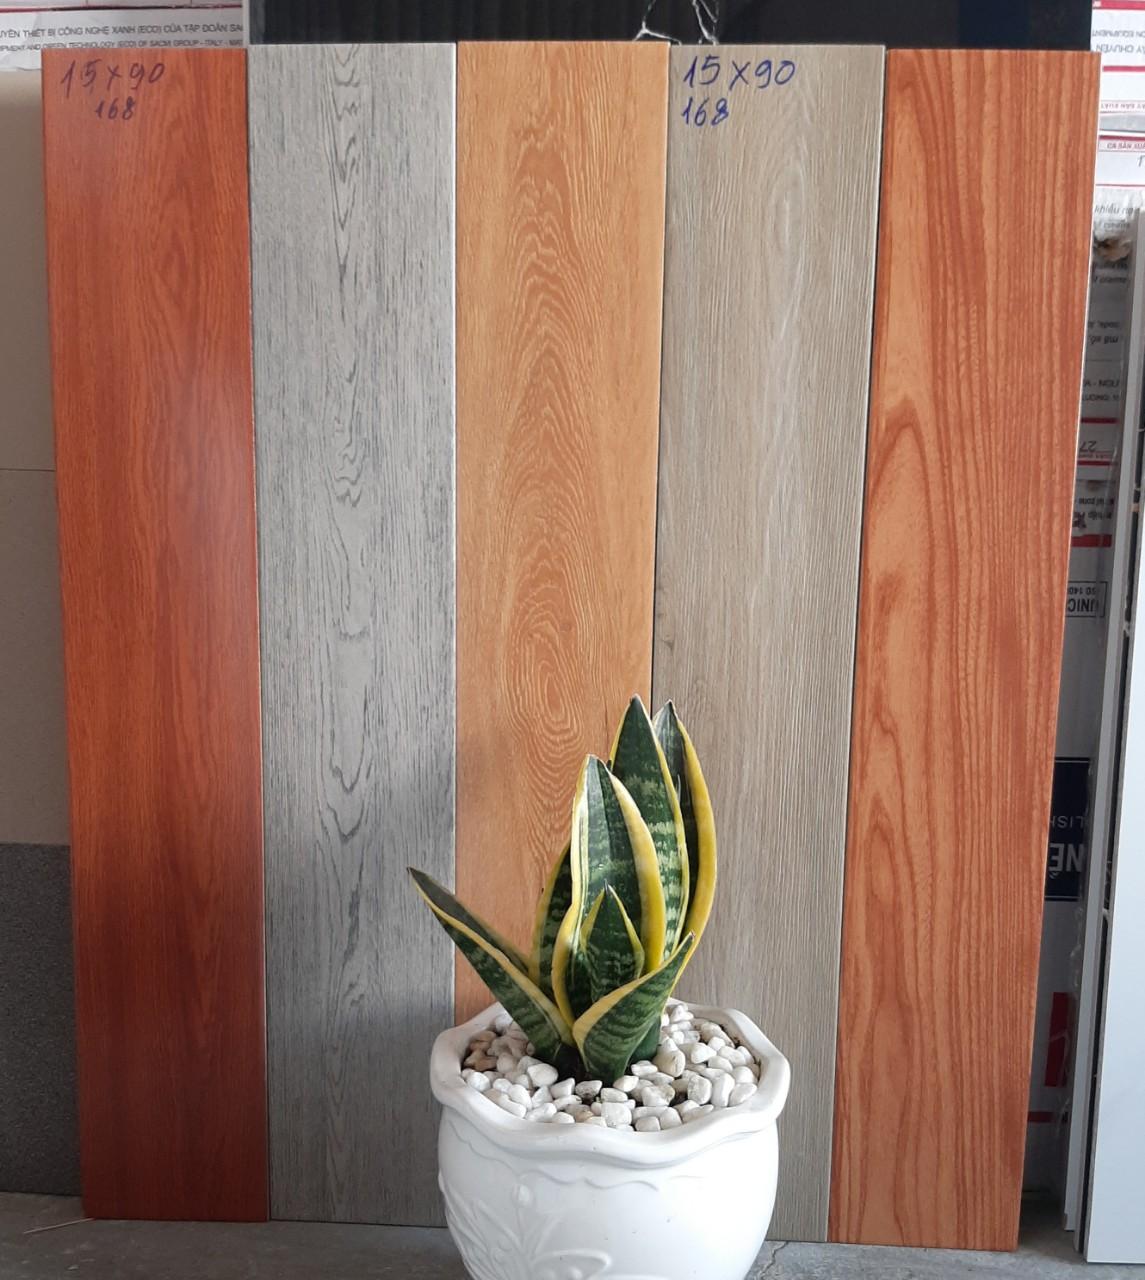 Gạch giả gỗ 15x90 trung quốc giá rẻ